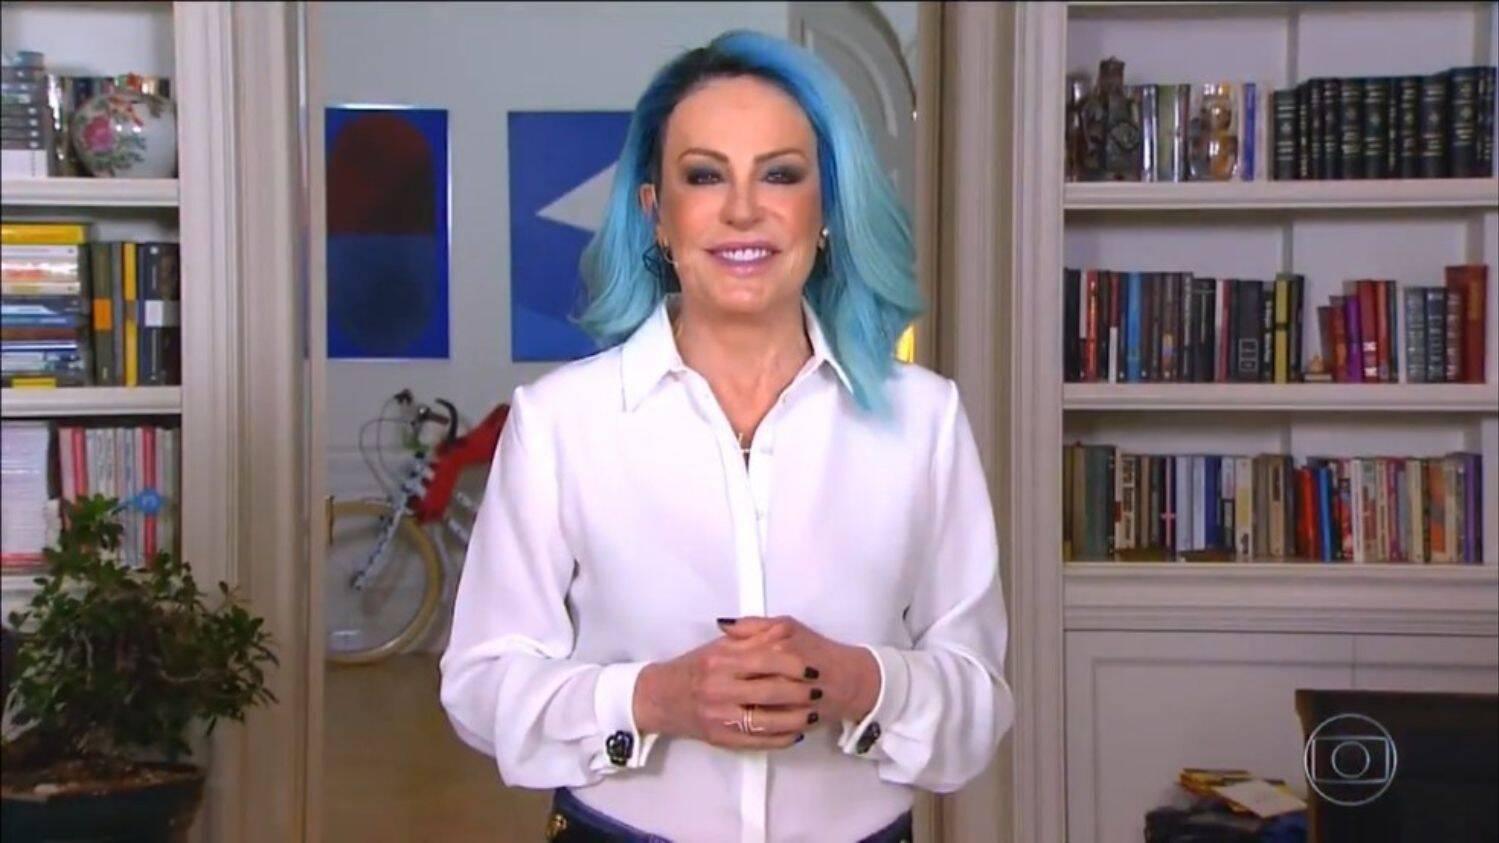 Em 2021 a apresentadora quis renovar no visual e apostou na cor azul. (Foto: Reprodução/ Pinterest)